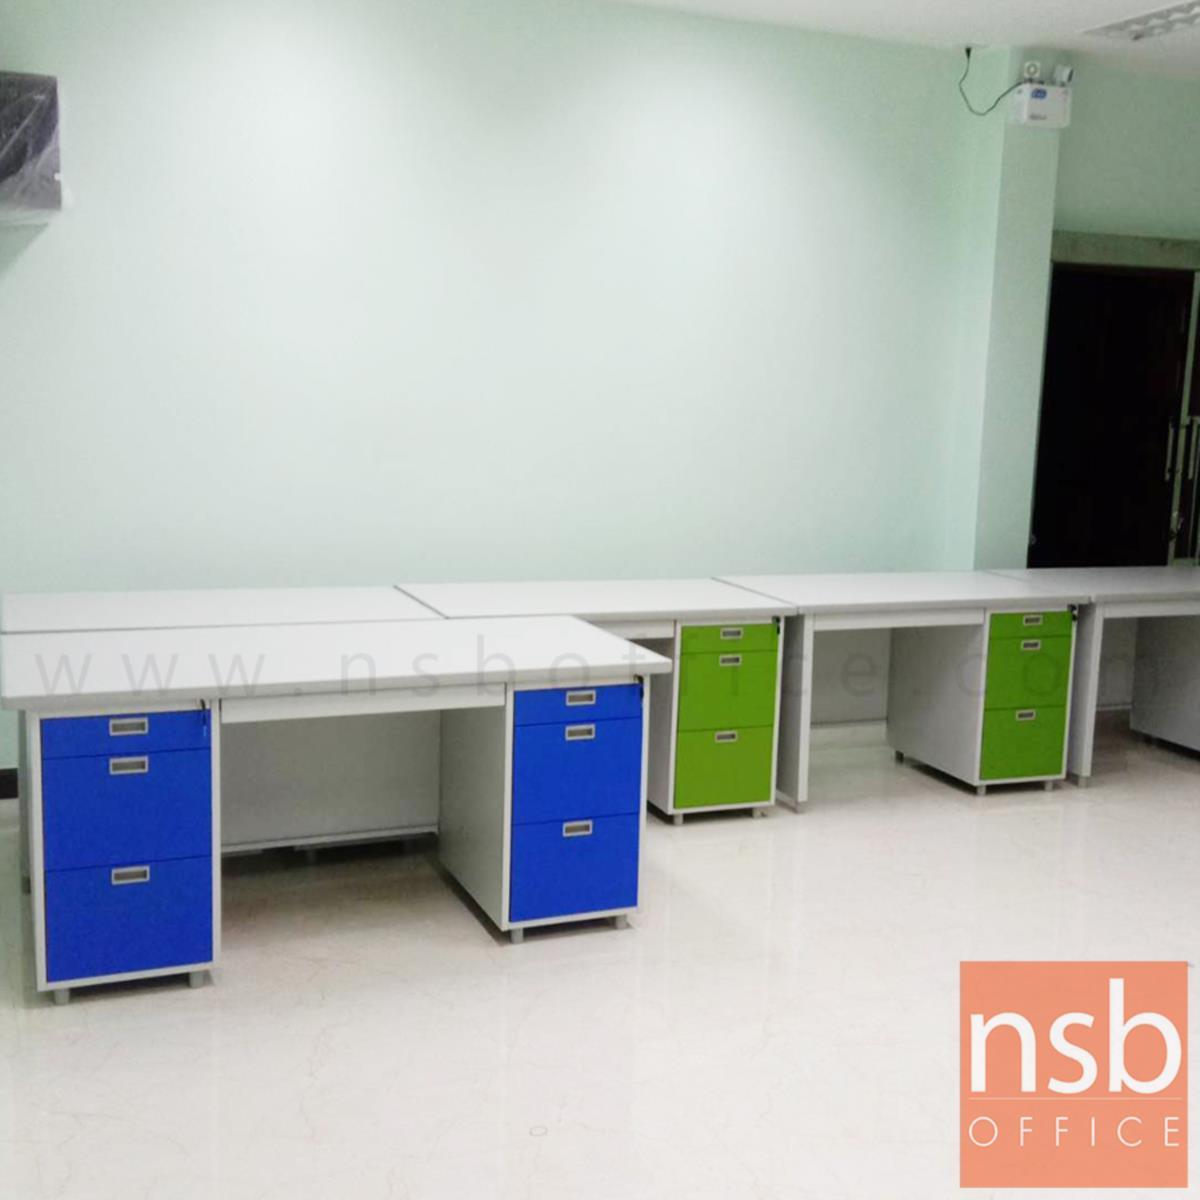 โต๊ะทำงานเหล็ก 7 ลิ้นชัก รุ่น DX-52-33 ขนาด 159.5W cm. พ่นสีอีพ๊อกซี่พิเศษ(EPOXY)